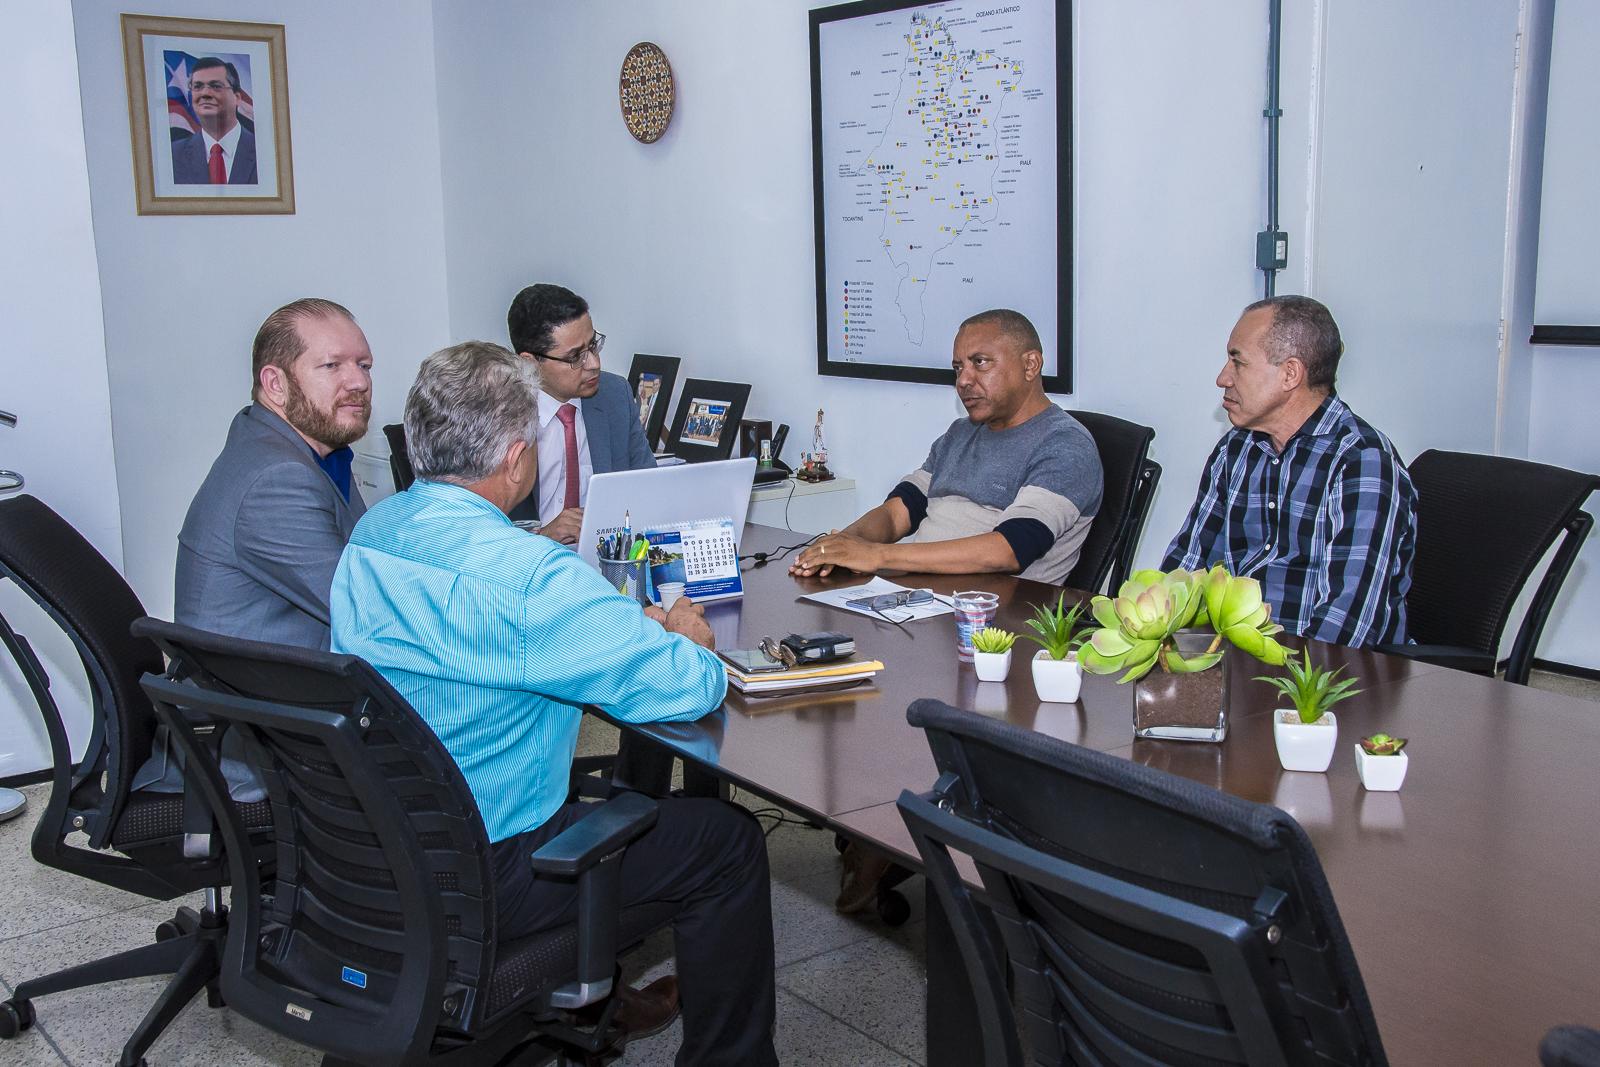 Othelino visita secretário de Saúde e garante melhorias para São Bento e Vargem Grande